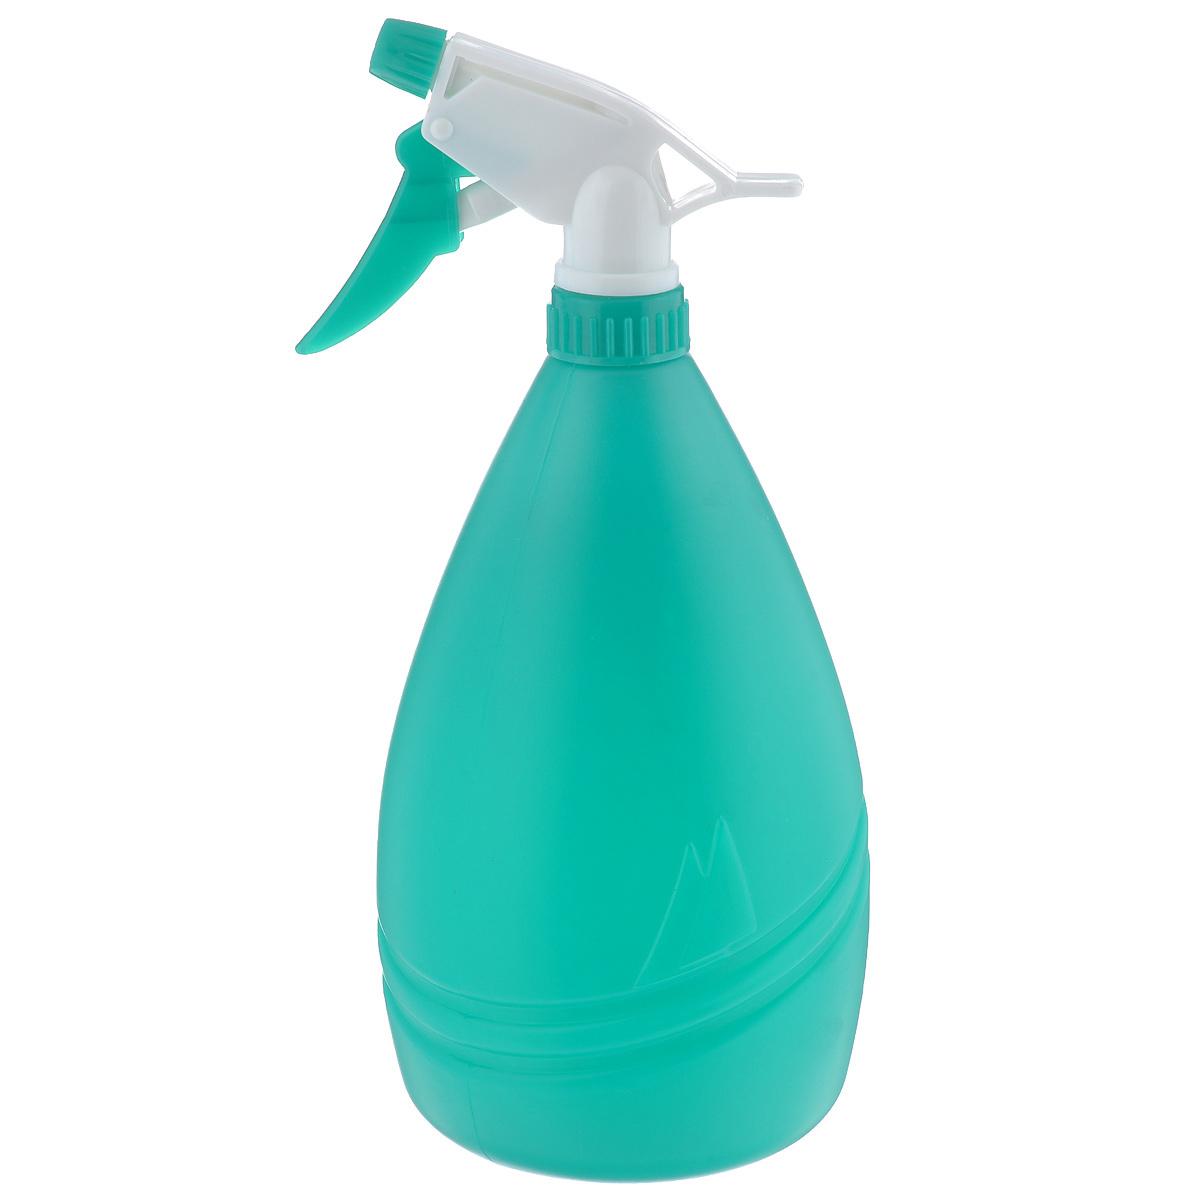 Опрыскиватель Lillo, цвет: зеленый, 1,25 лSX-263Опрыскиватель Lillo, изготовленный из пластика, пригодится для работ на дачном участке и для полива комнатных растений. Распылитель разработан таким образом, чтобы служить вам долгие годы. Особенно эффективен при использовании для полировки и очистки стекла, в тех случаях, когда влажную поверхность рекомендовано вытирать сухой салфеткой. С емкостью для распыления воды в одной руке и салфеткой в другой, уборка будет легка и эффективна, как никогда ранее. Объем: 1,25 л. Высота емкости: 21 см. Диаметр дна: 10 см. Диаметр по верхнему краю: 2 см. Наибольший диаметр: 12 см.